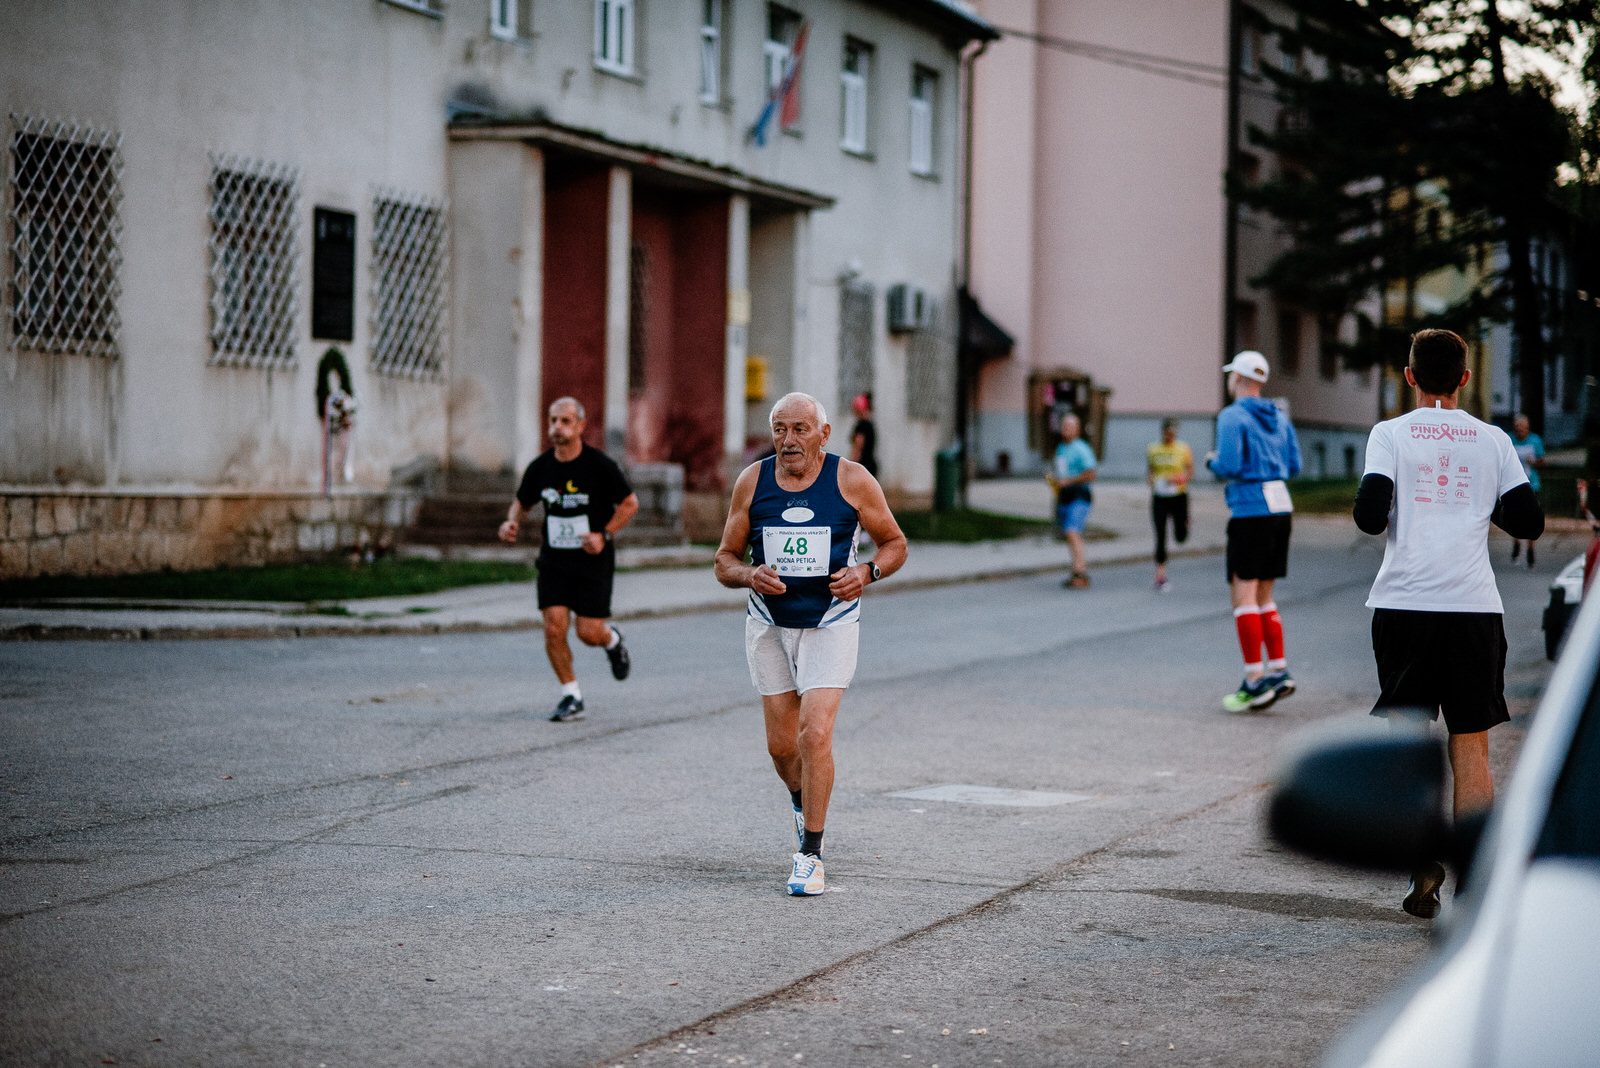 likaclub_korenica_noćna-utrka-2019-20